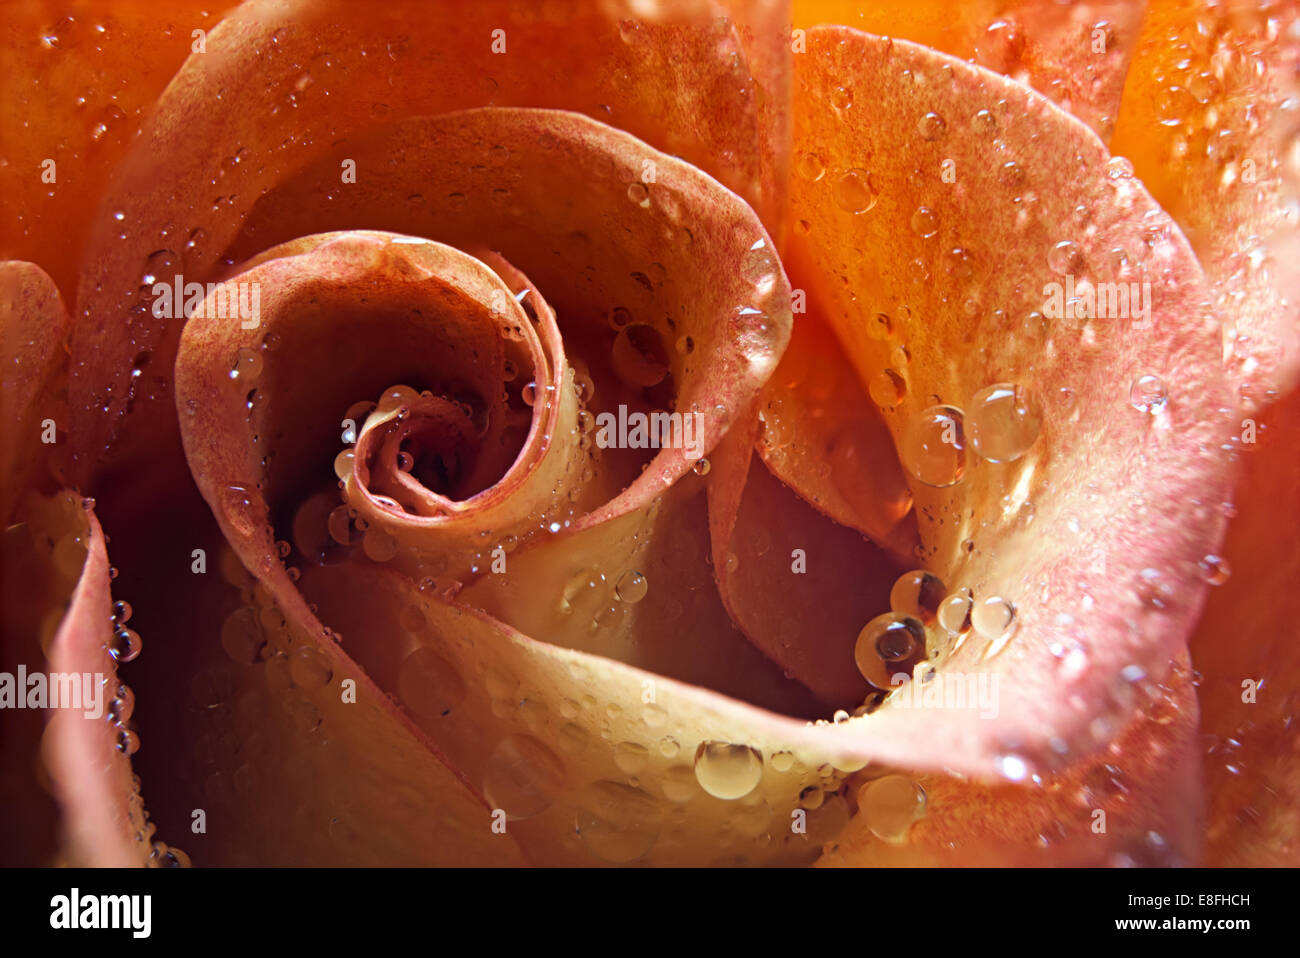 Nahaufnahme einer Rose in Wassertröpfchen bedeckt Stockbild